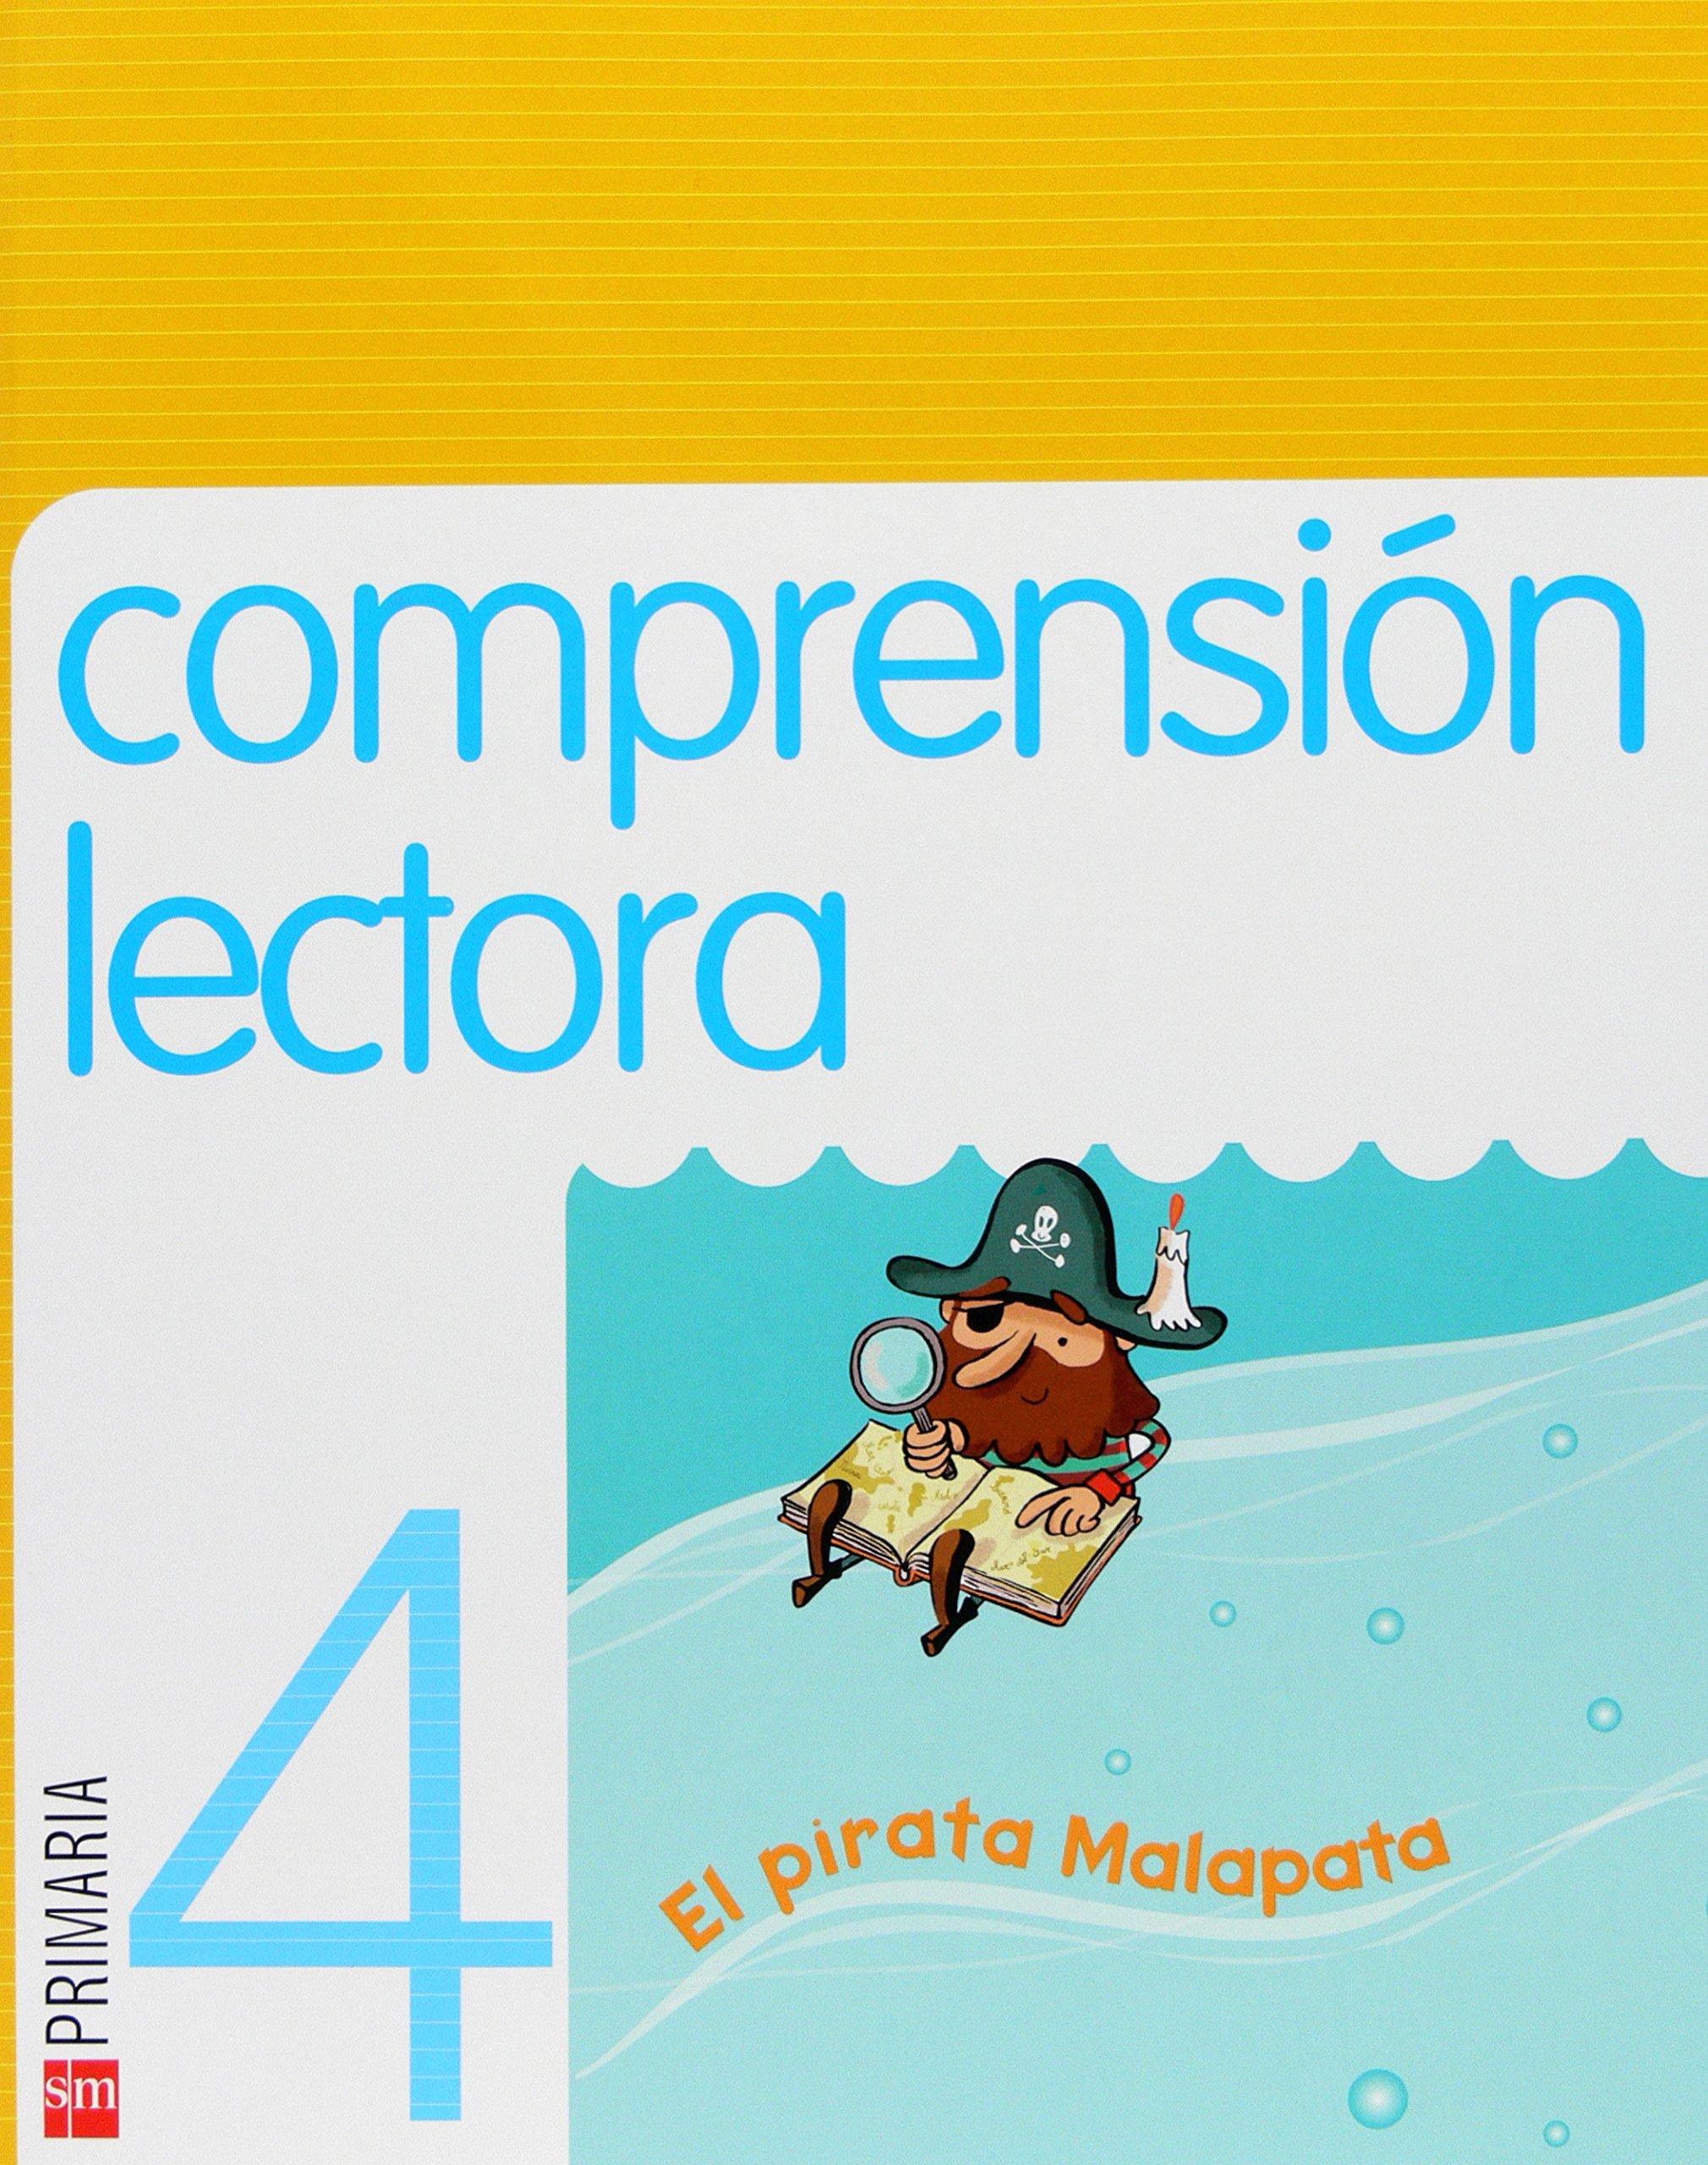 Comprensión lectora, 4 Educación Primaria, 2 ciclo. Cuaderno ...